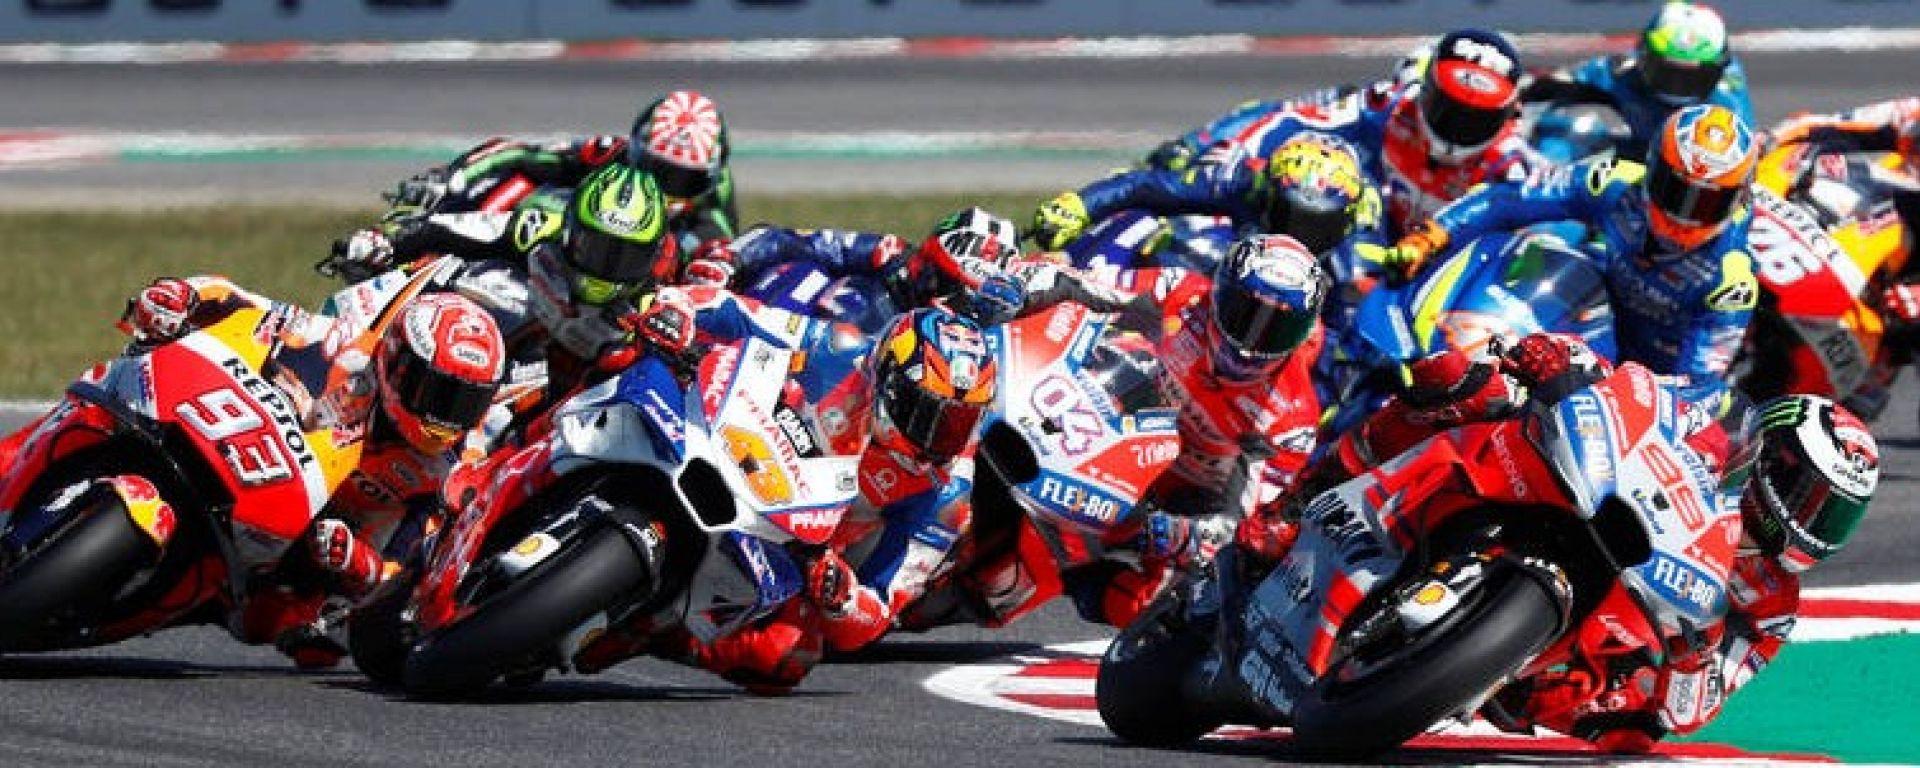 MotoGP Aragona Spagna 2018, tutte le info: orari, risultati prove, qualifiche e gara